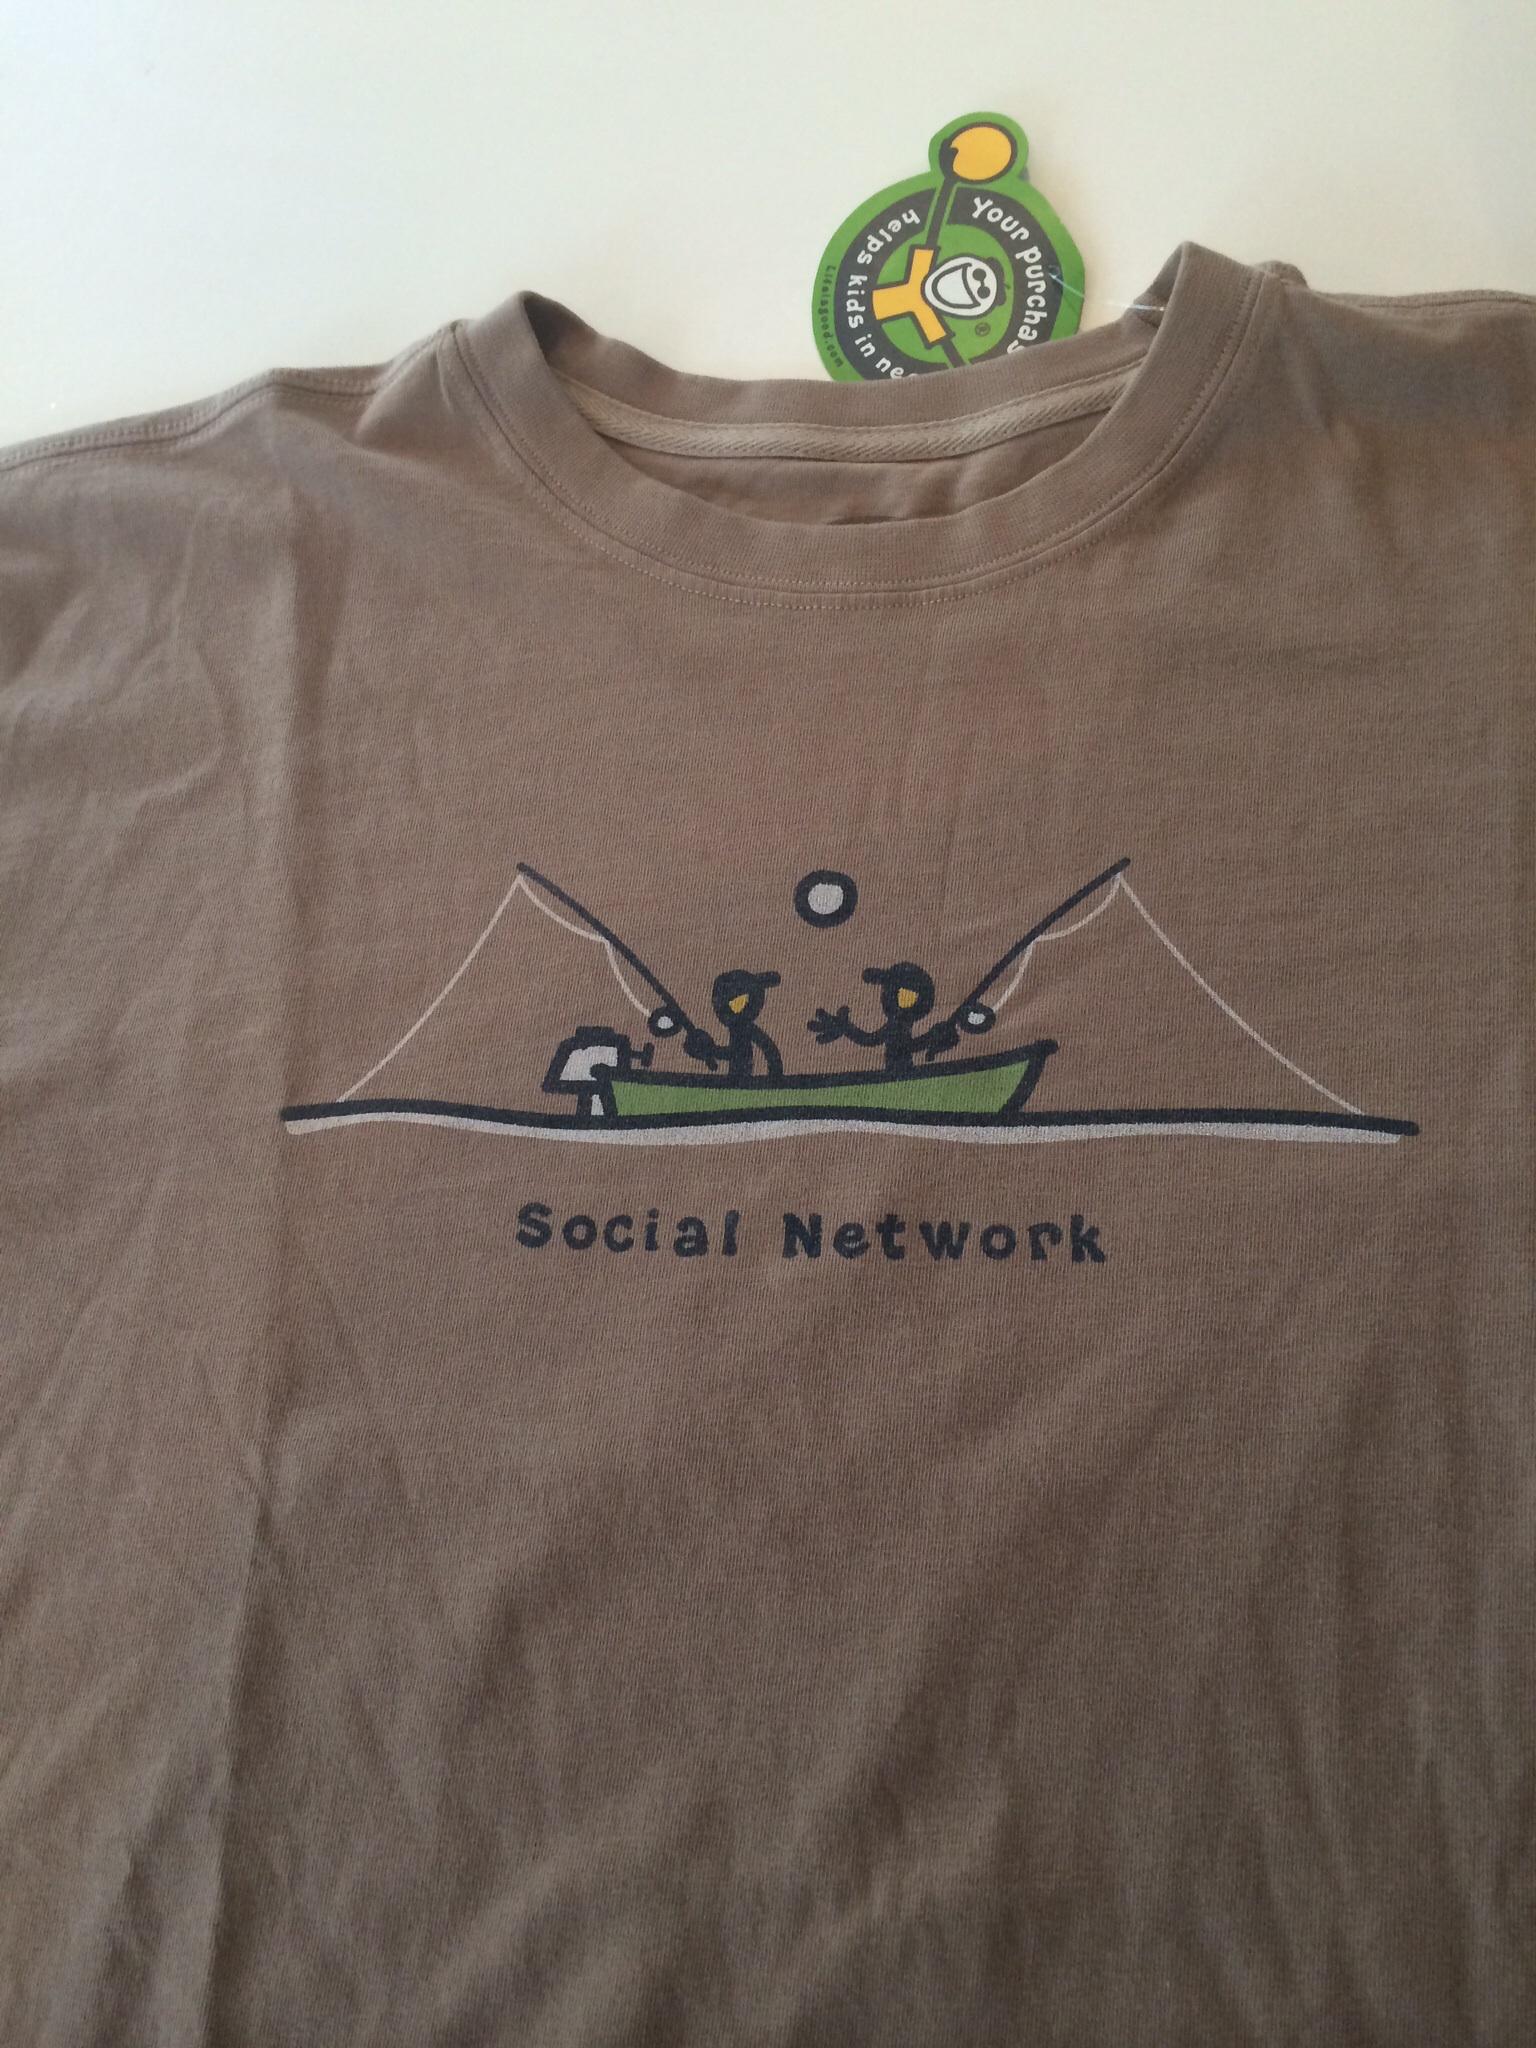 En t-shirt jag fick i veckan av min chef. En bra chef. Han förstår hur det funkar :-)